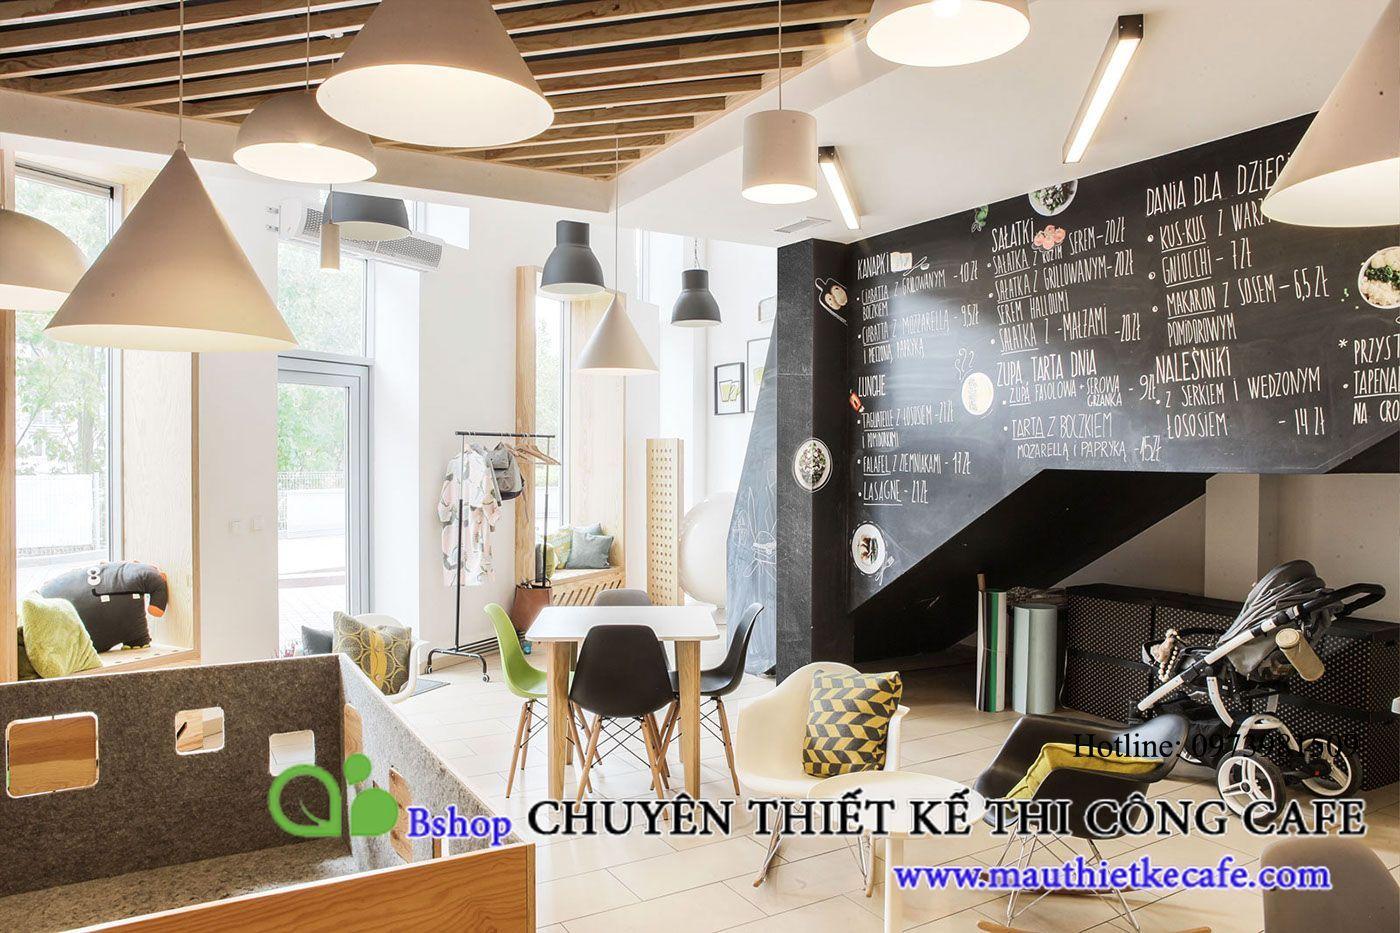 QUAN-CAFE-DANH-CHO-CAC-GIA-DINH-TRE (13)_MAUTHIETKECAFE.COM